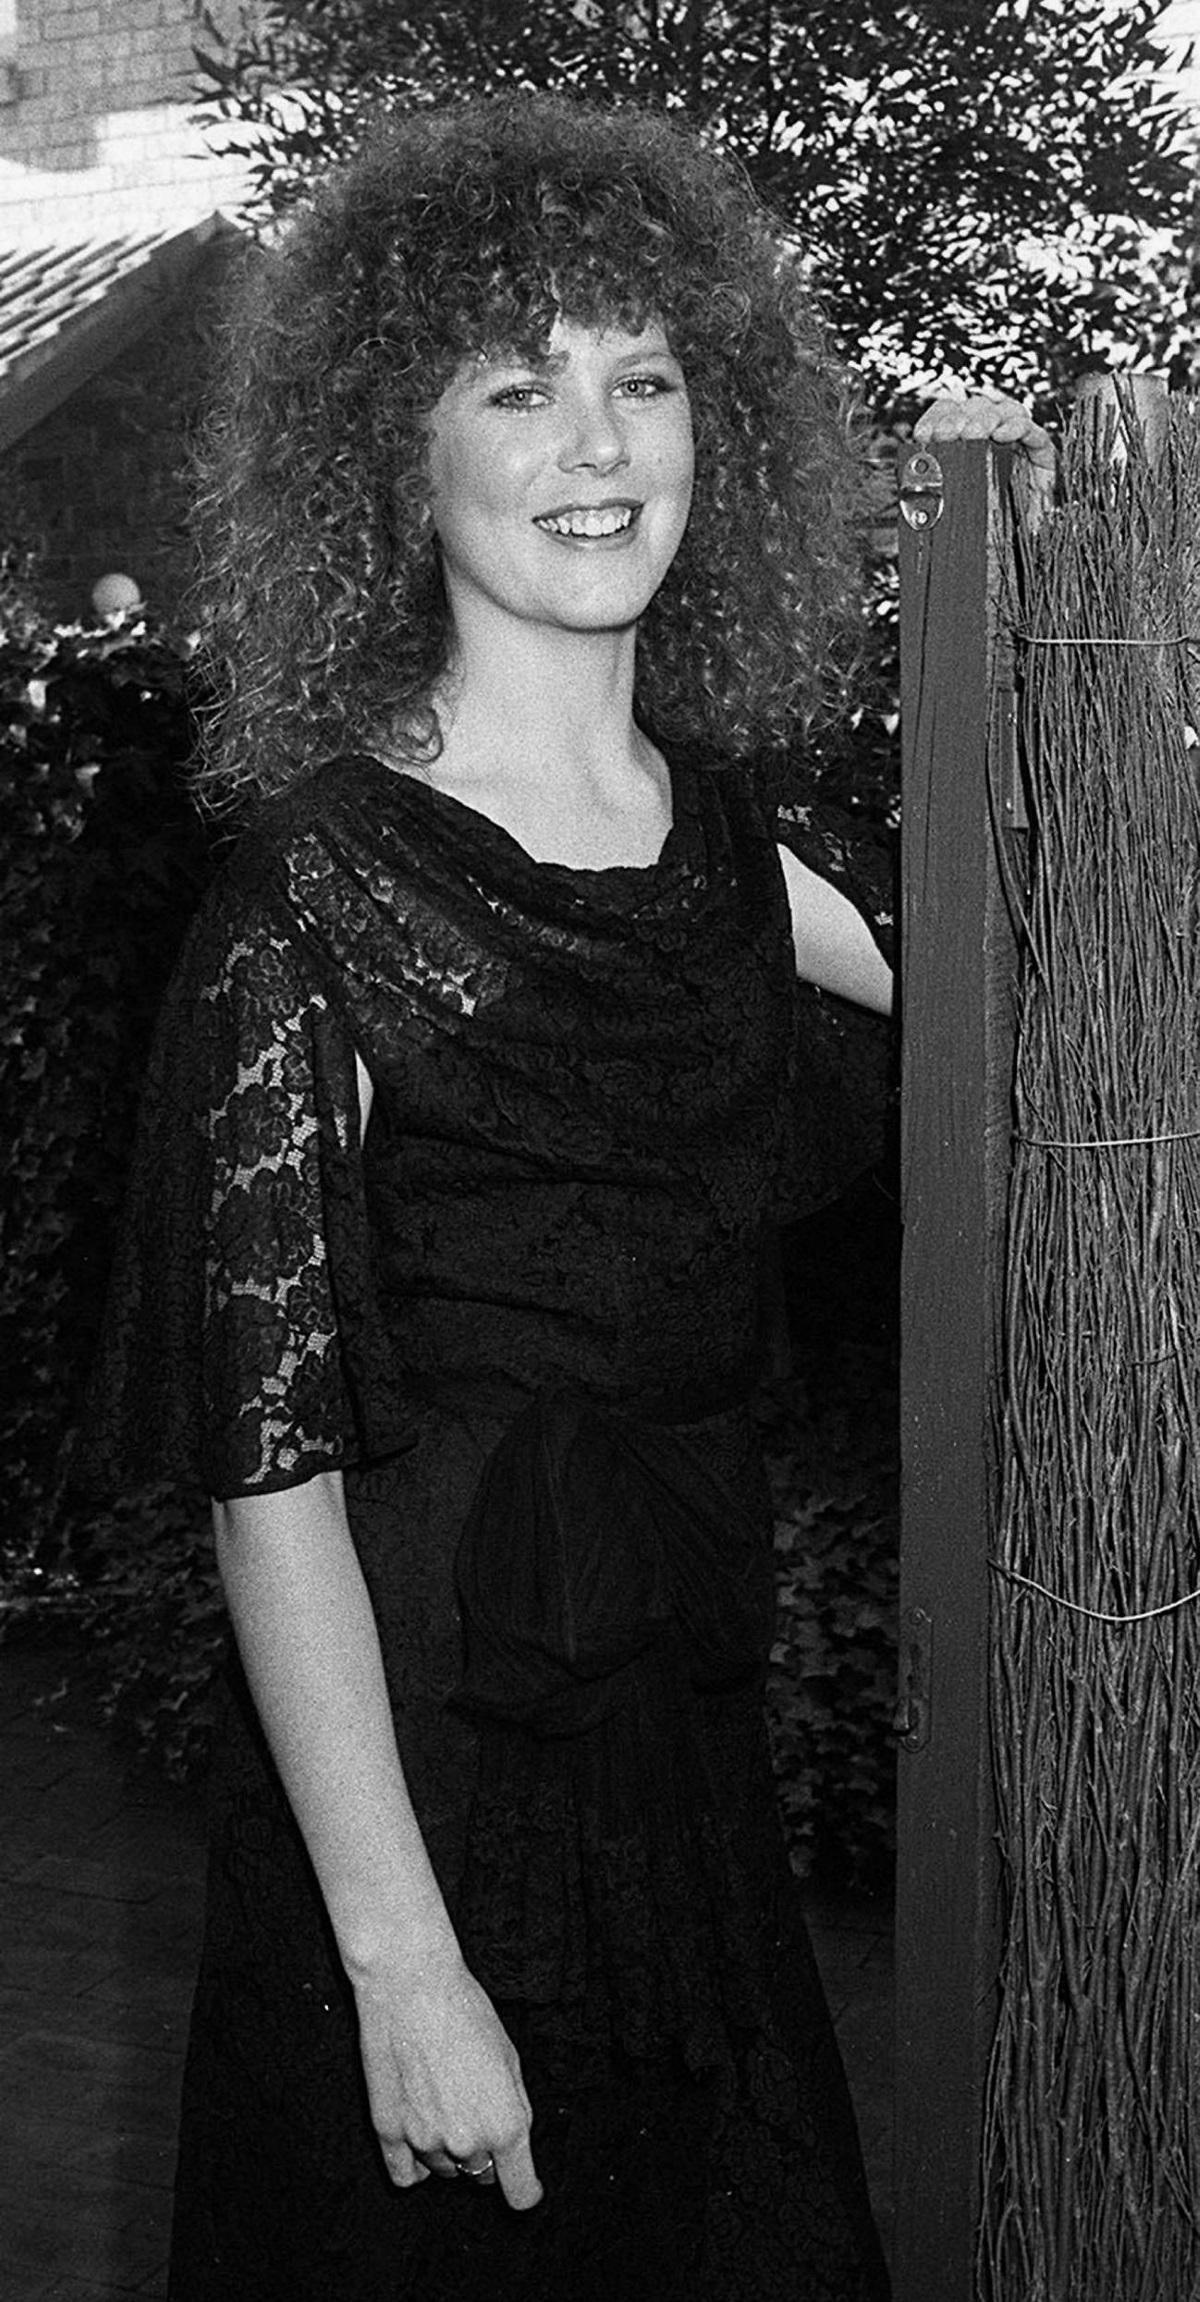 Никол Кидман - 1983 г.